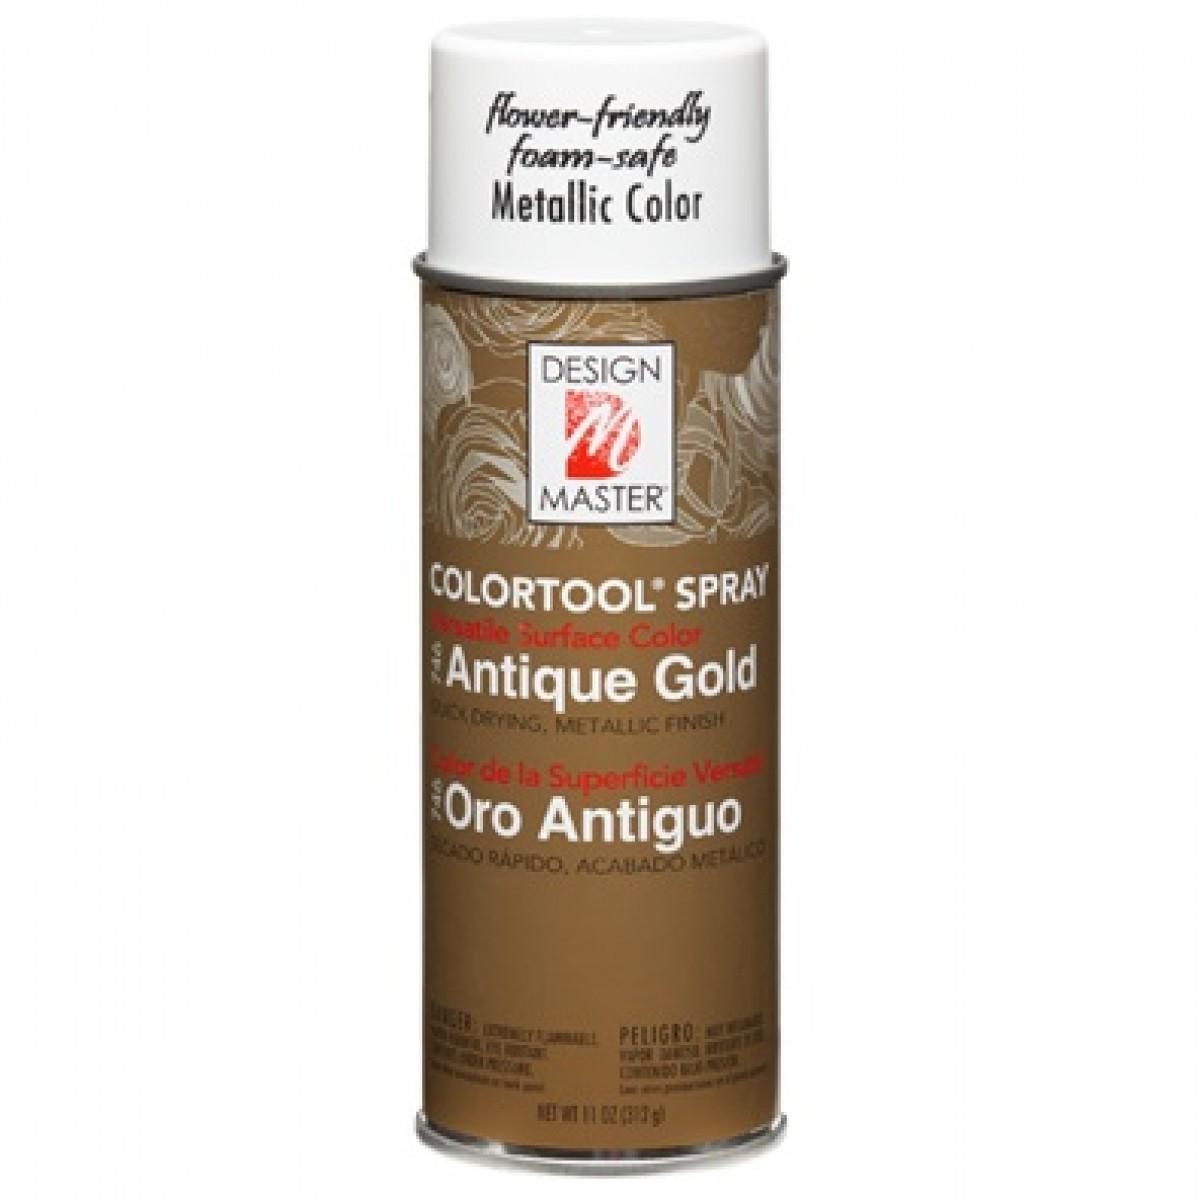 746 Antique Gold DM Metallic Colour Spray Paint - 1 No